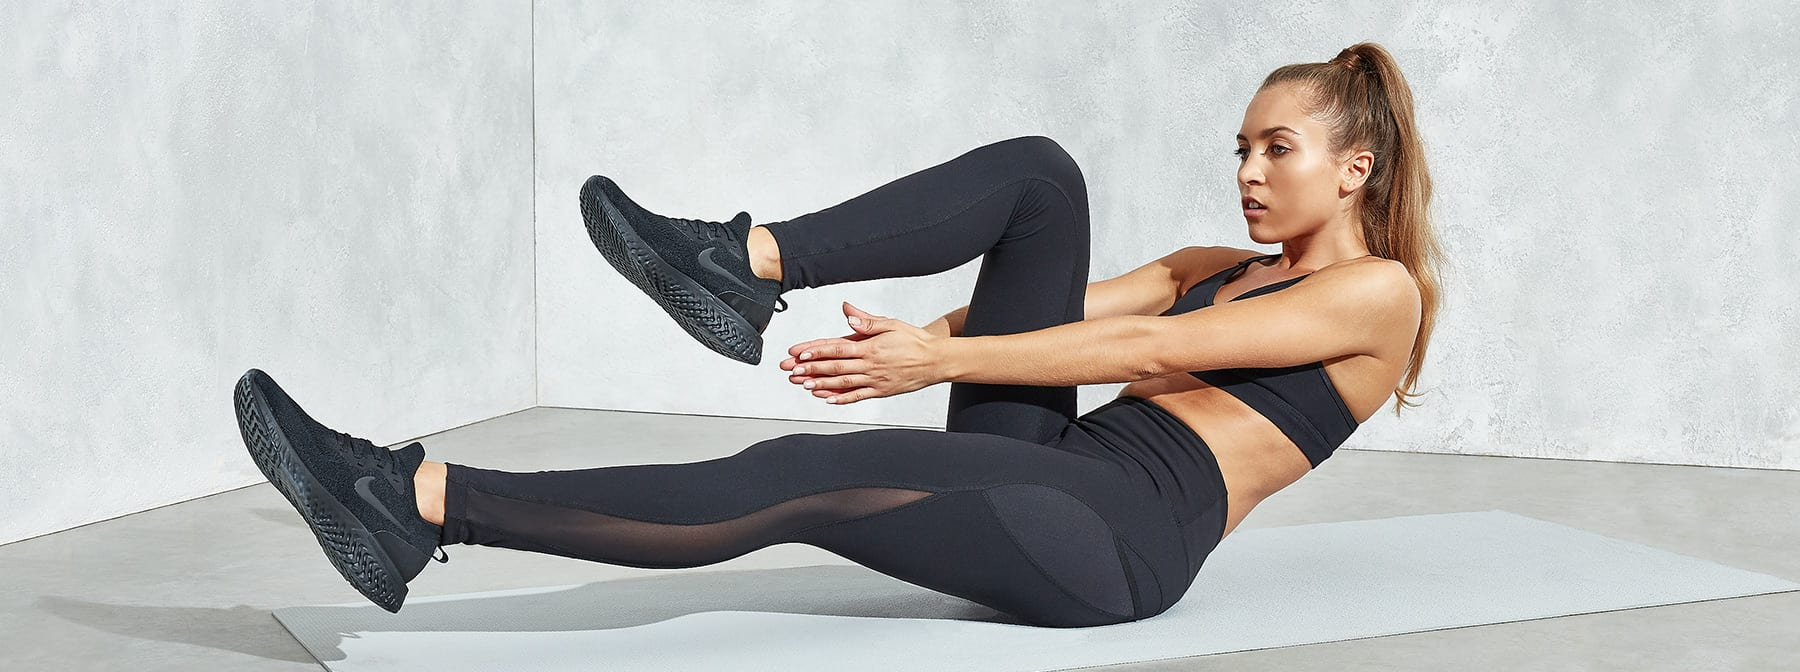 Příčný břišní sval | Cviky na posílení středu těla a břicha